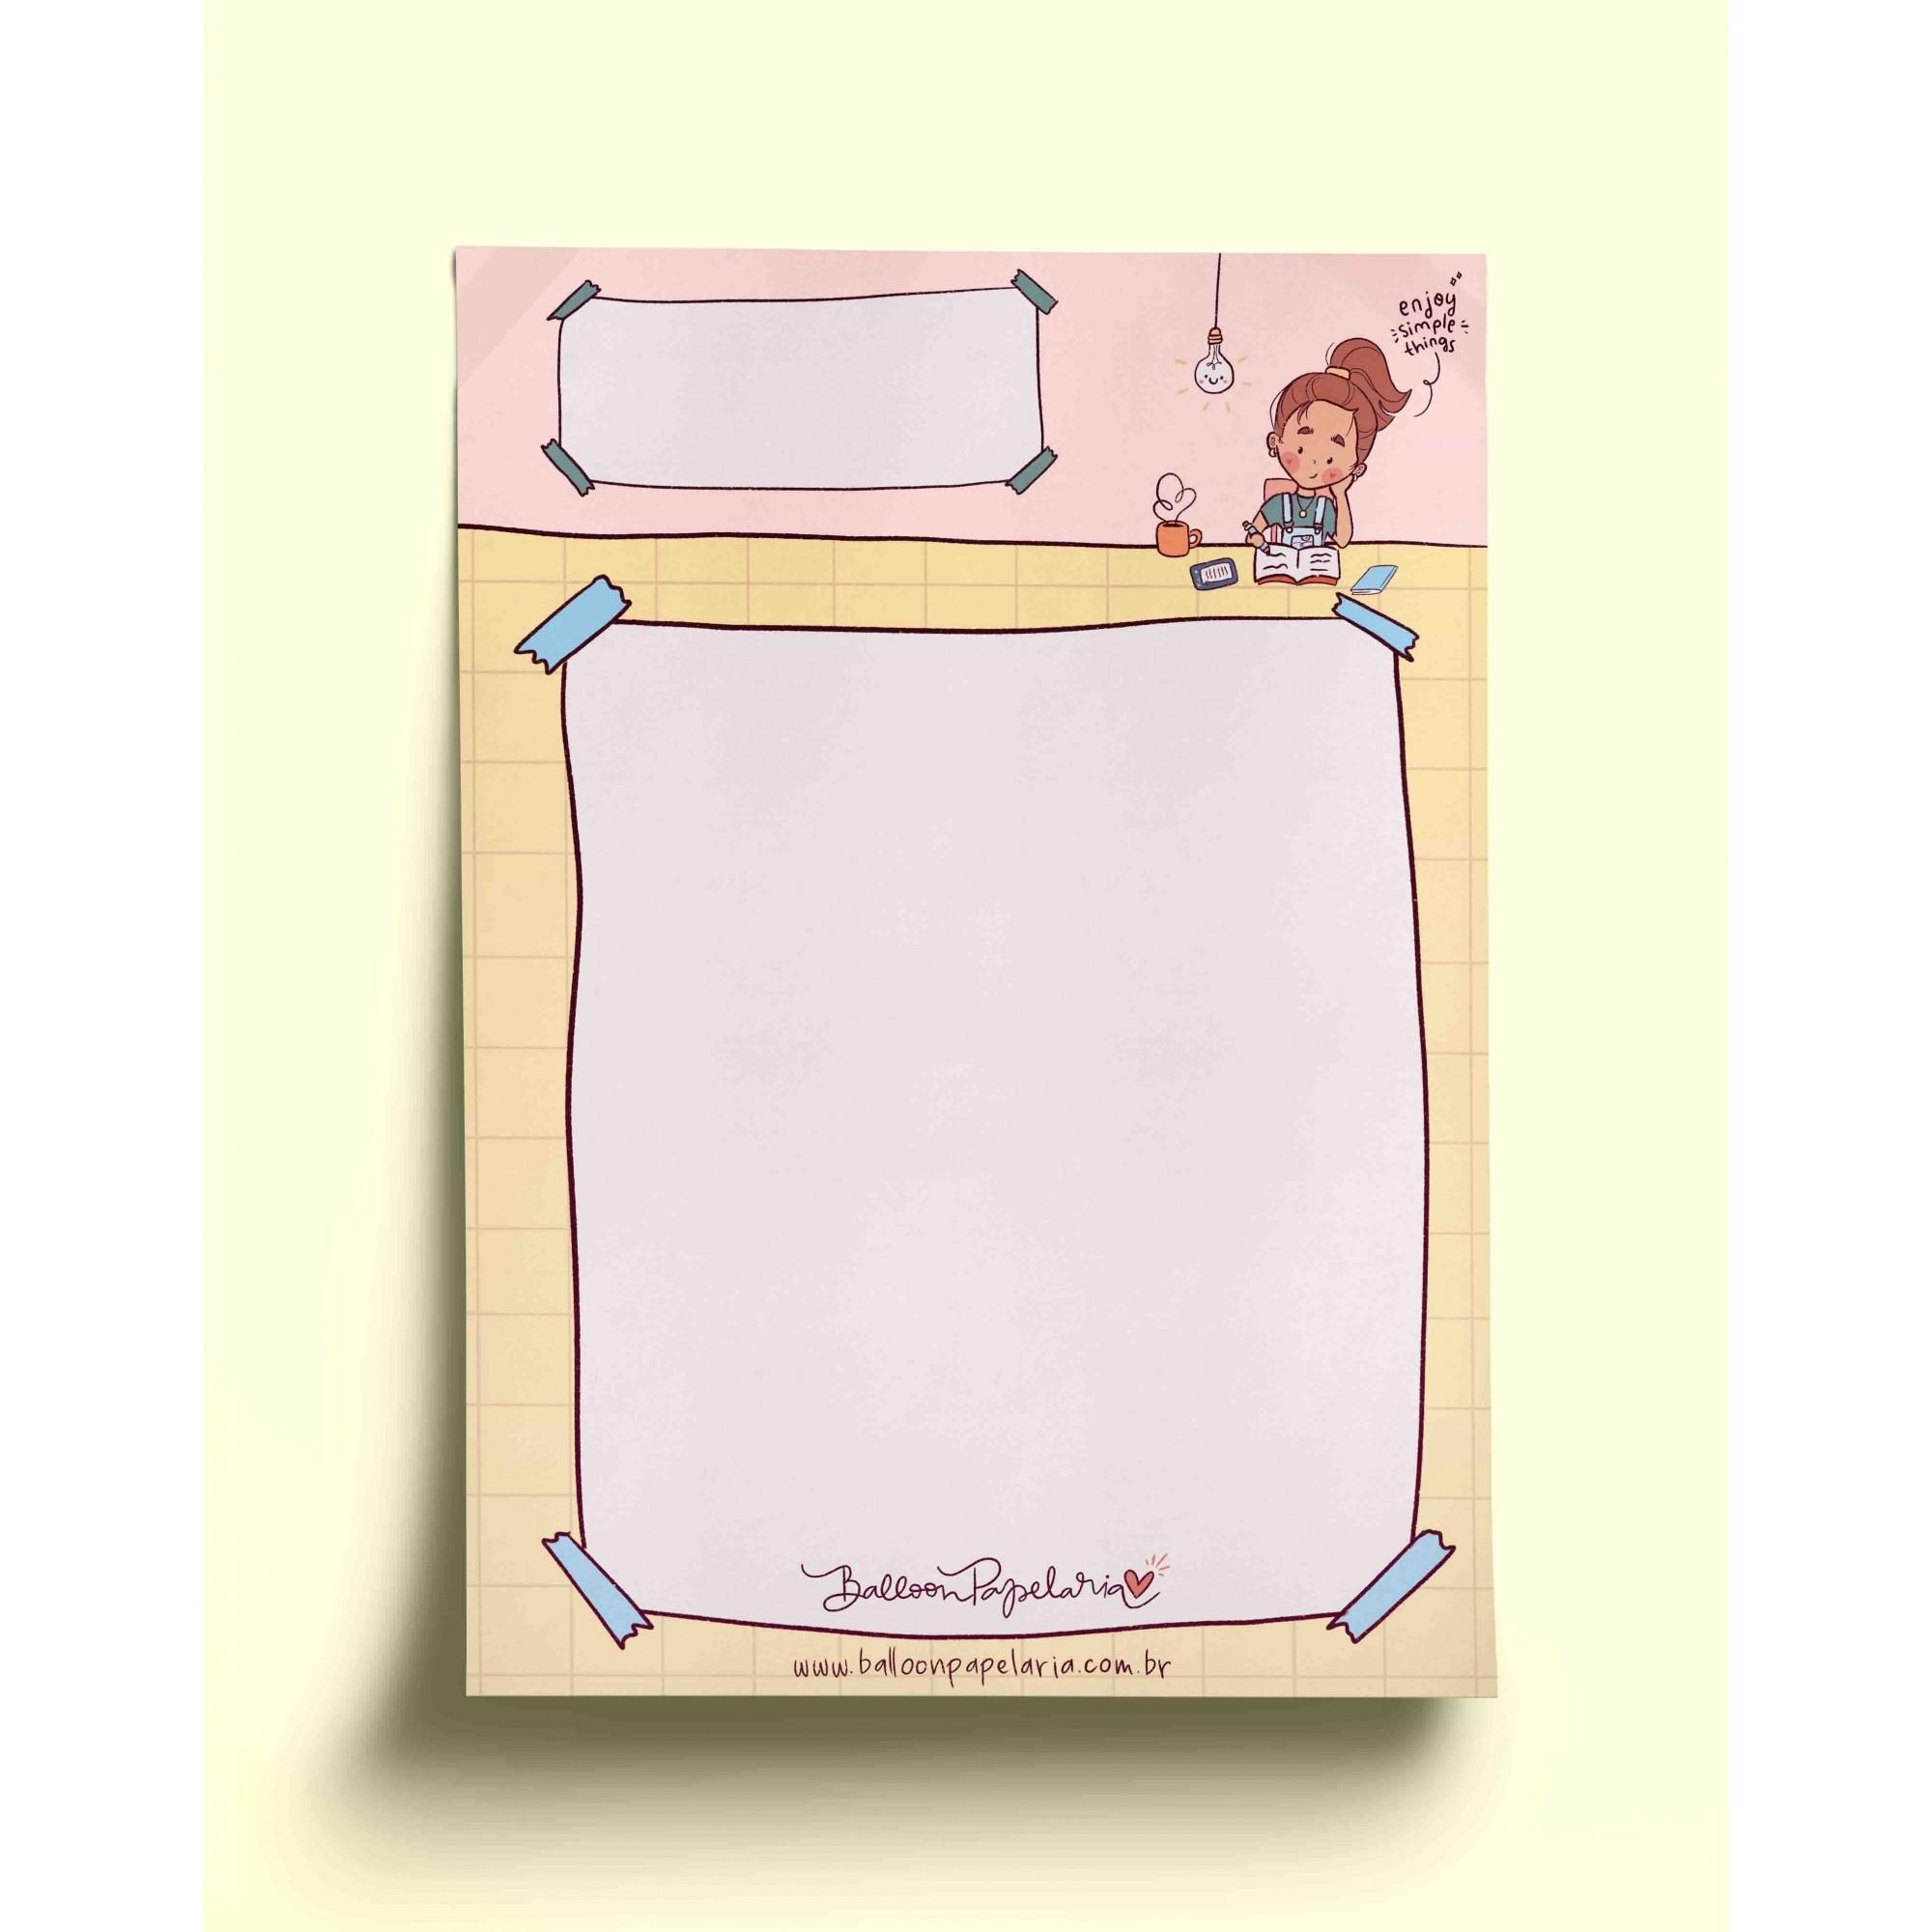 Bloco anotações - enjoy simple things